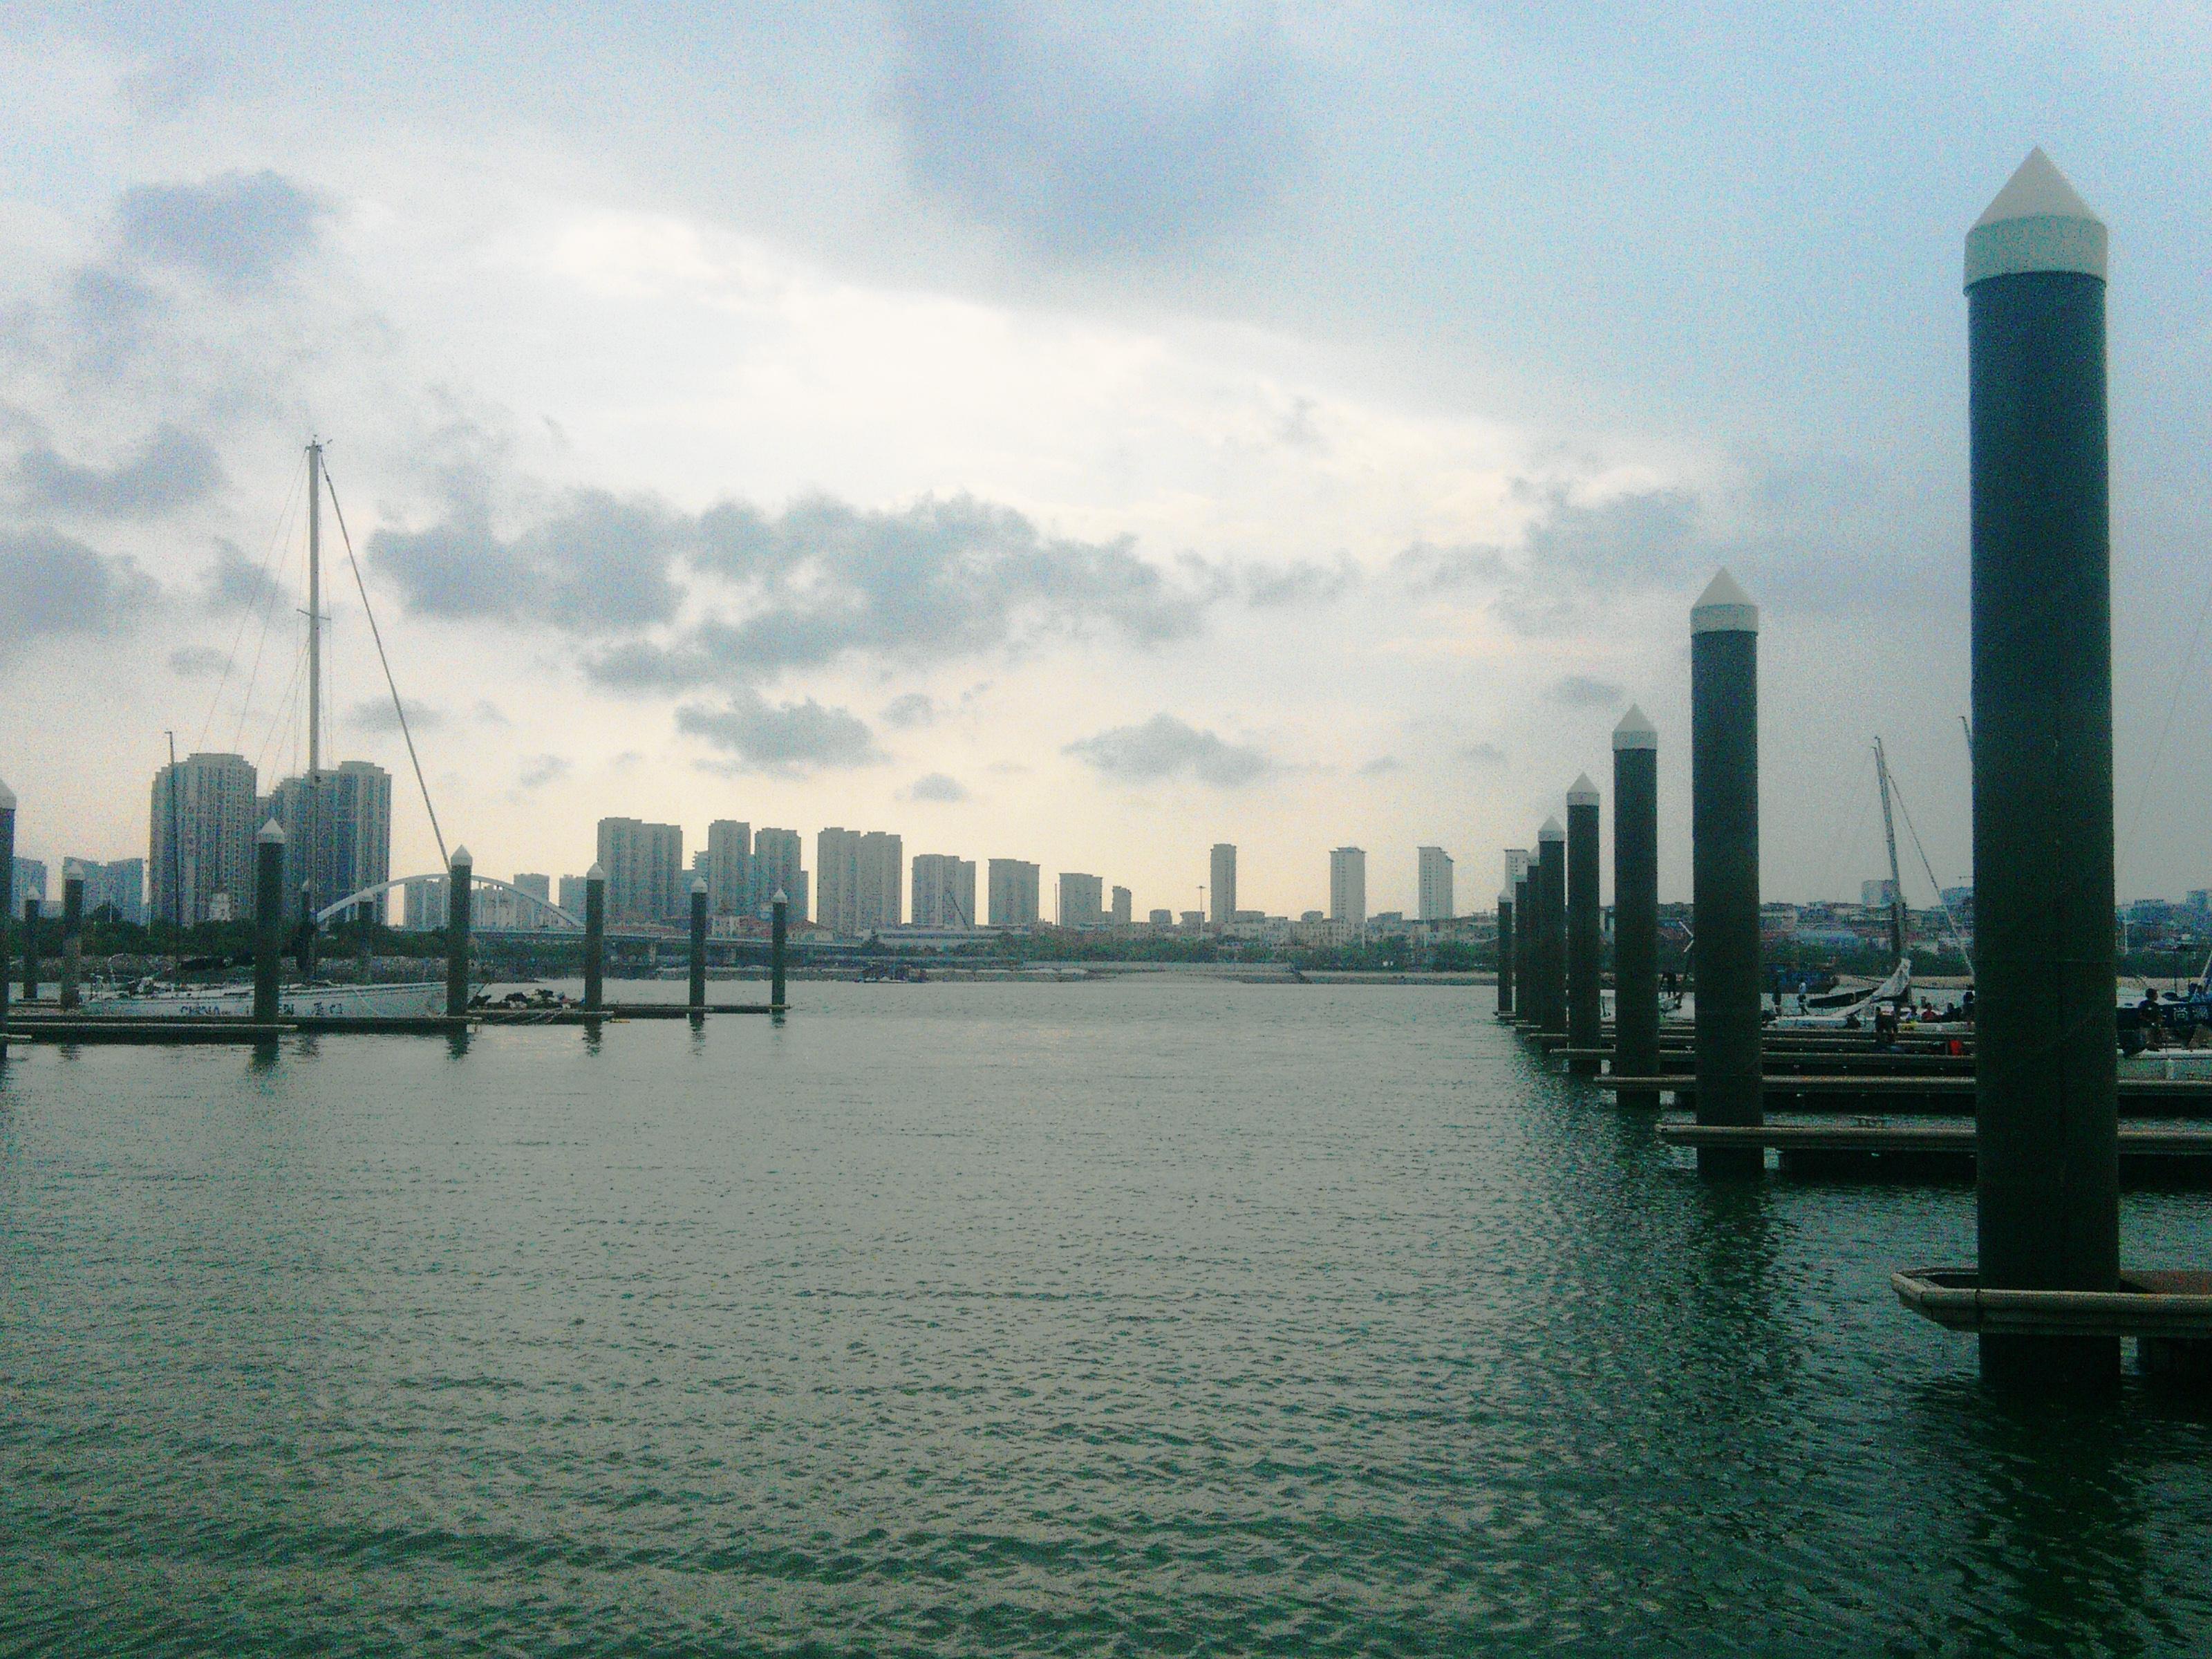 泛太平洋,厦门 我与厦门第三届泛太平洋高校帆船赛(一) 码头1.jpg